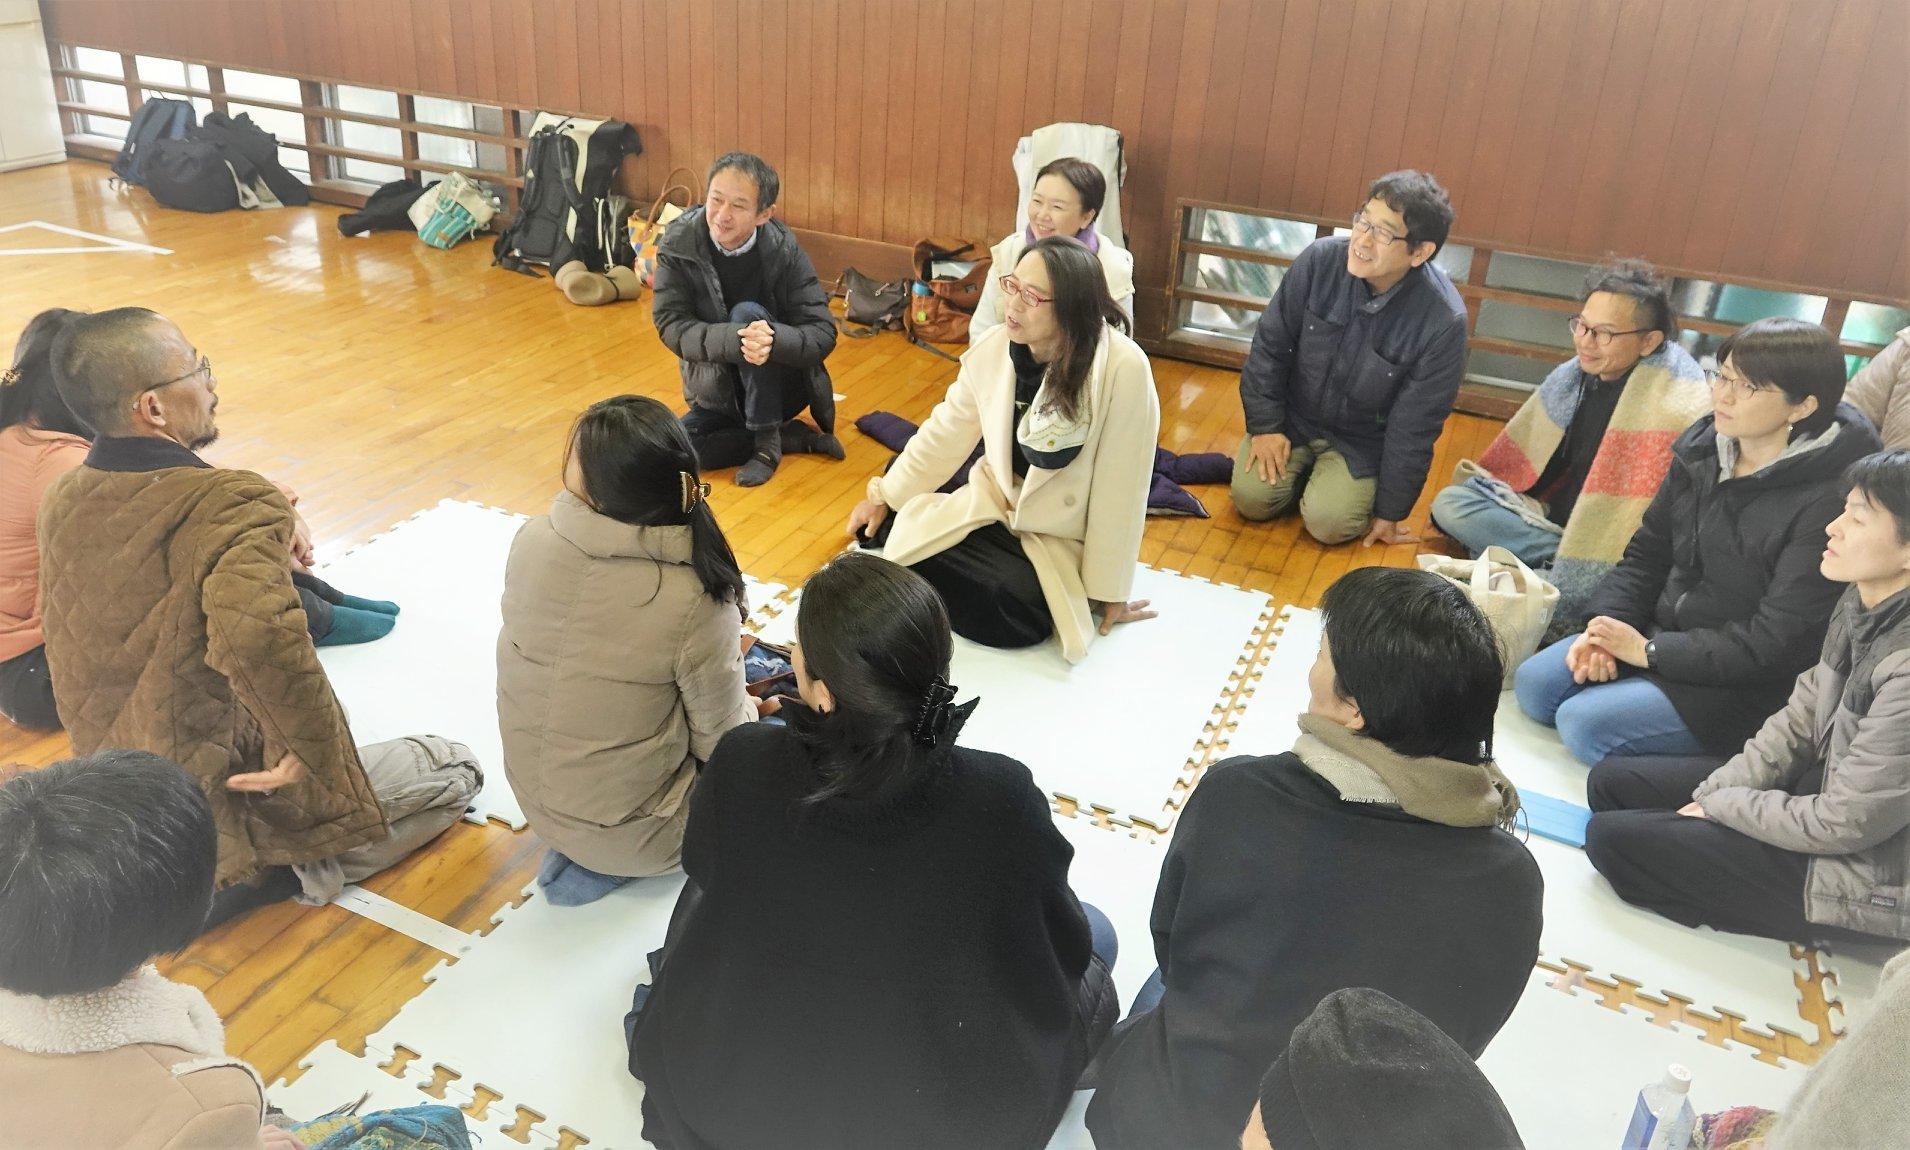 『子どもを守ろう ! 』 ~安冨歩先生が尼崎にやってきた~_a0020162_22550144.jpg